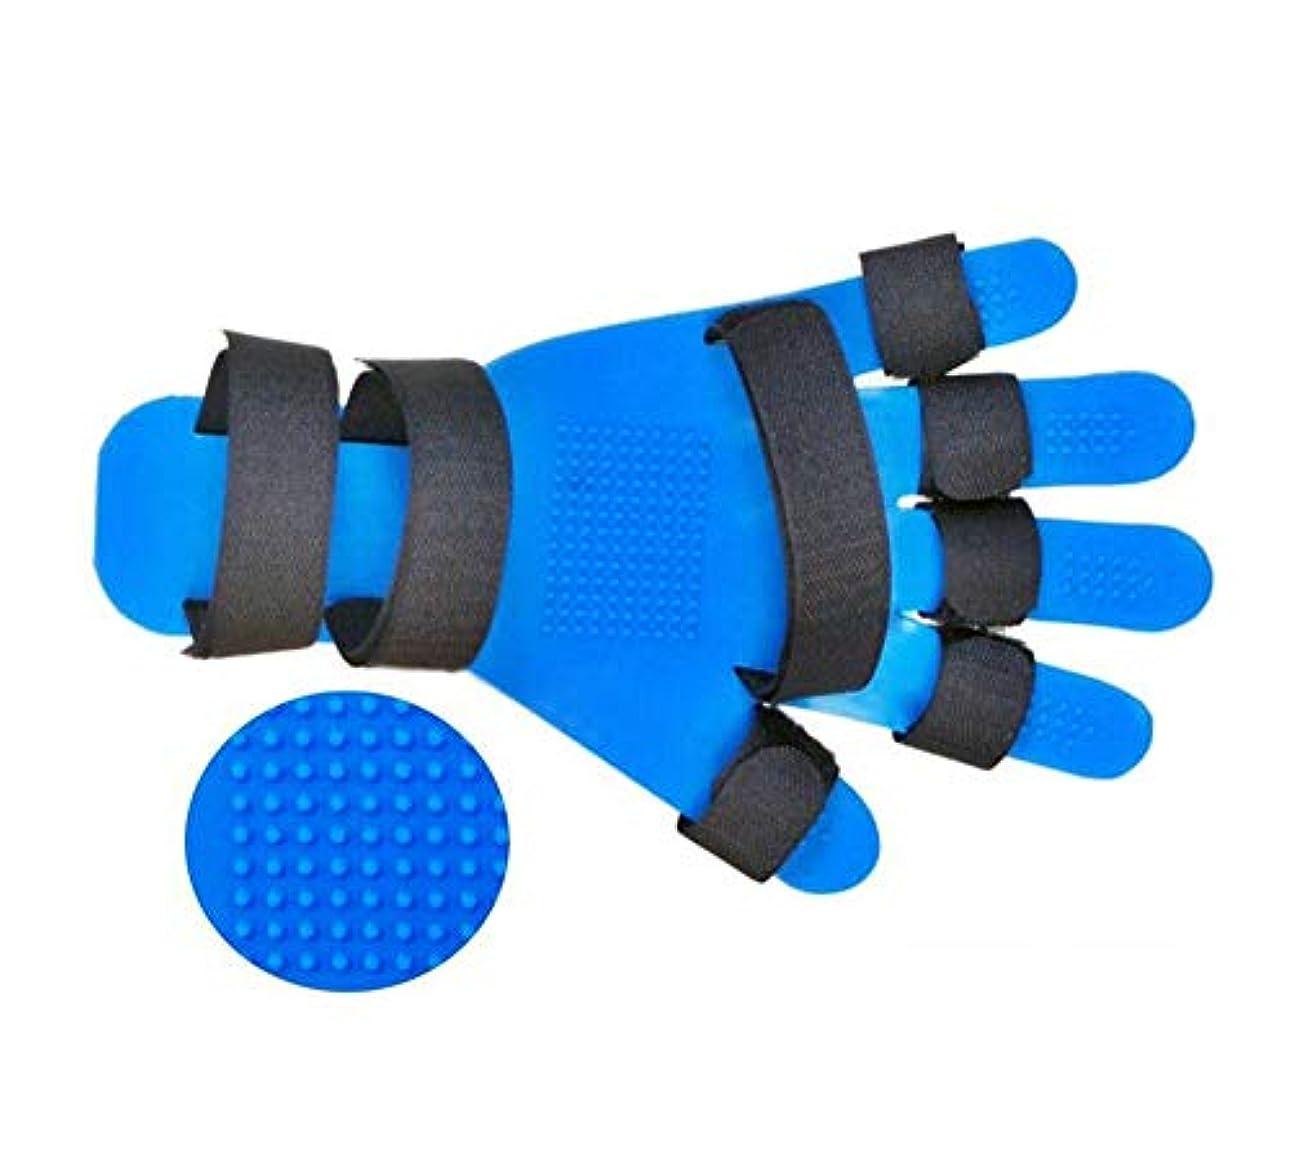 グレード昨日油指手首矯正器調節可能な指矯正プレート指分離プレート指を片側固定にする固定板指リハビリテーション機器